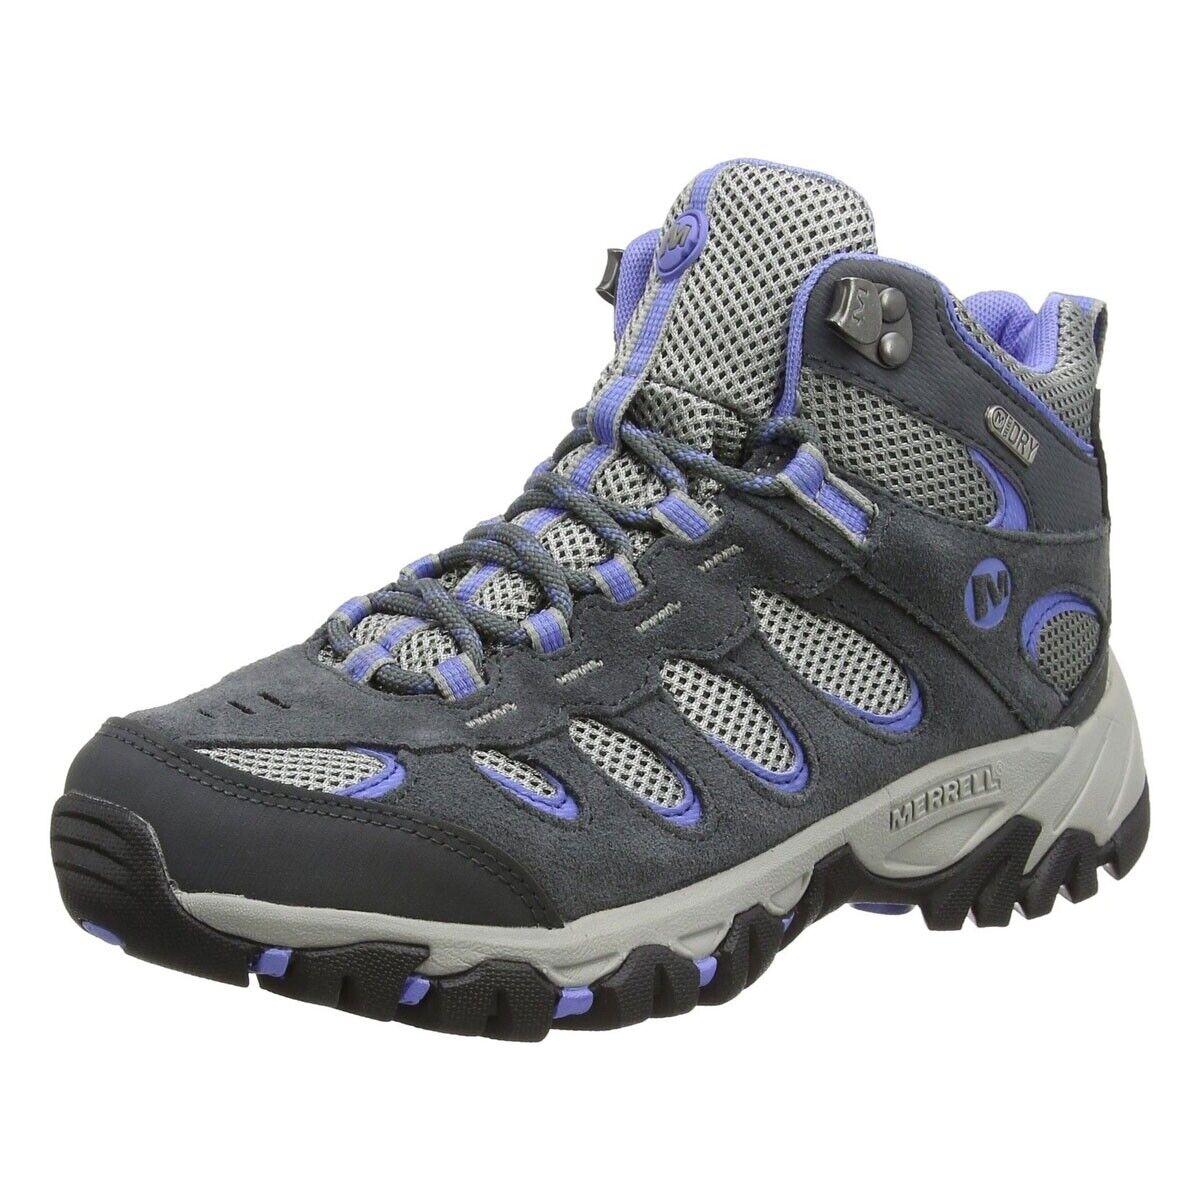 Señoras Merrell ridgepass Mid Gore-Tex Cuero para senderismo y Tobillo botas Zapatos 5.5